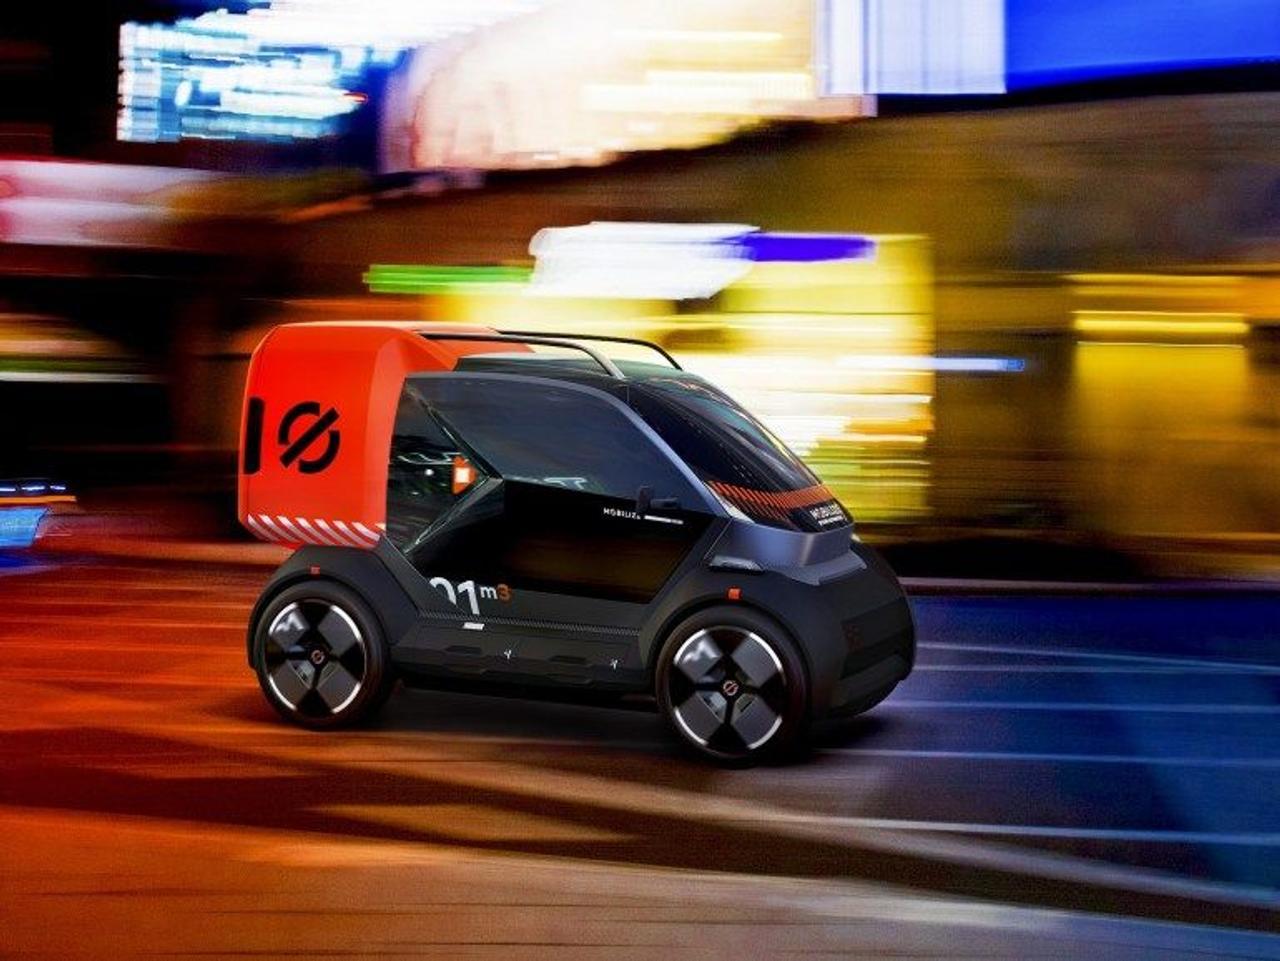 Renault представил три компактных электромобиля для бизнеса - DUO, BENTO и HIPPO